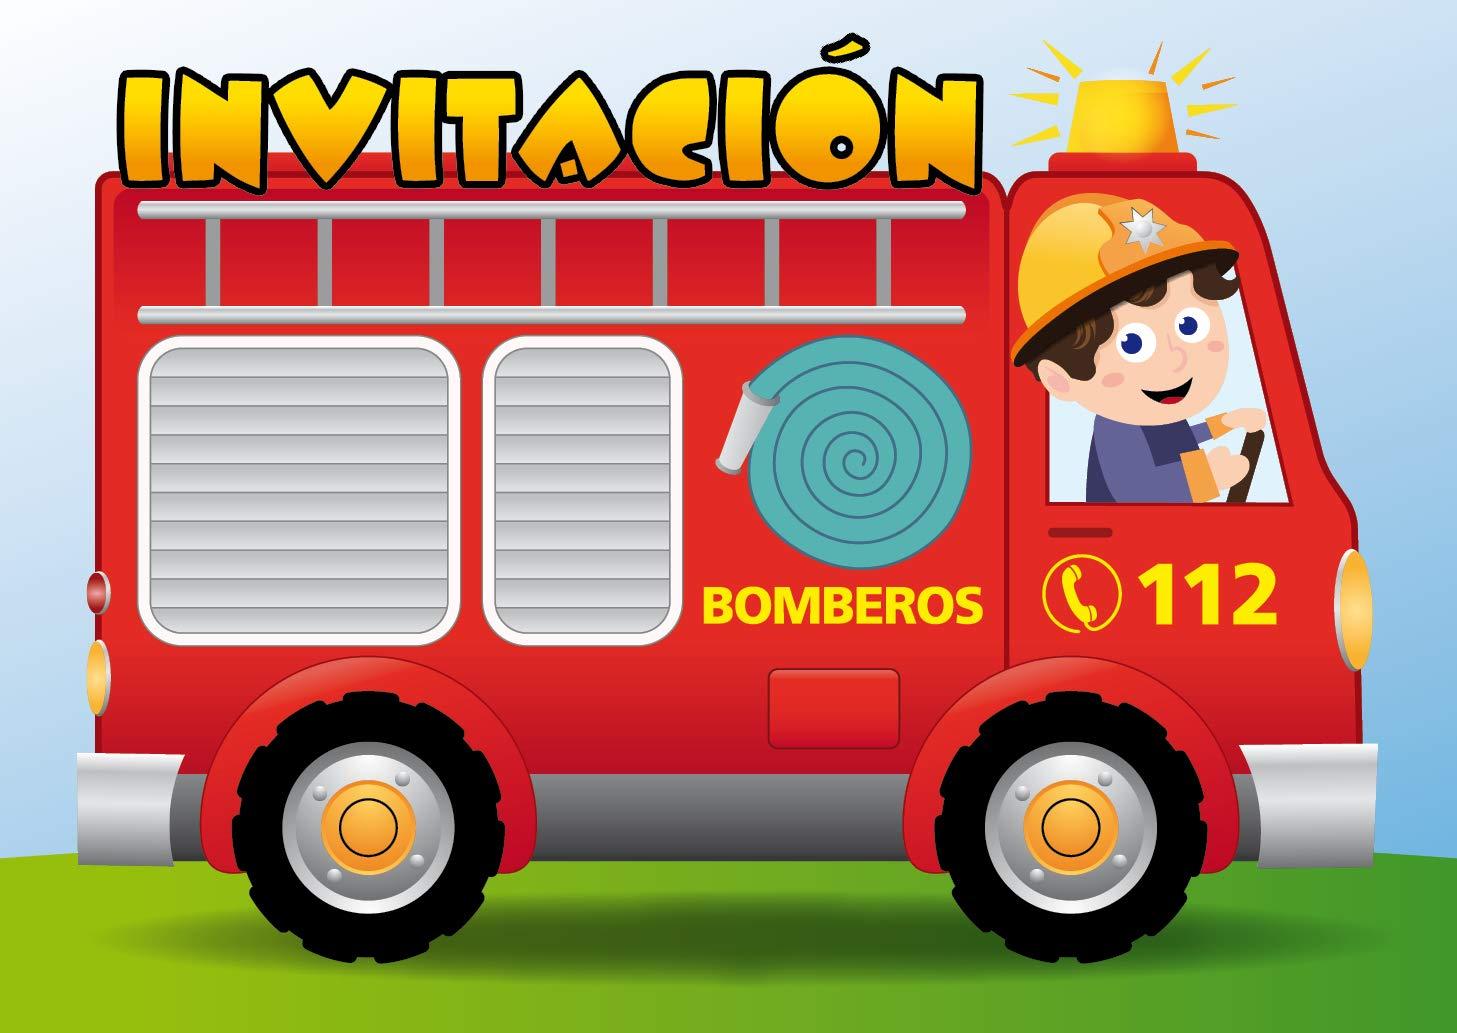 """Edition Colibri 10 Invitaciones en español """"Coche DE Bomberos"""": Juego de 10 Invitaciones para el cumpleaños Infantil (10982 ES)"""